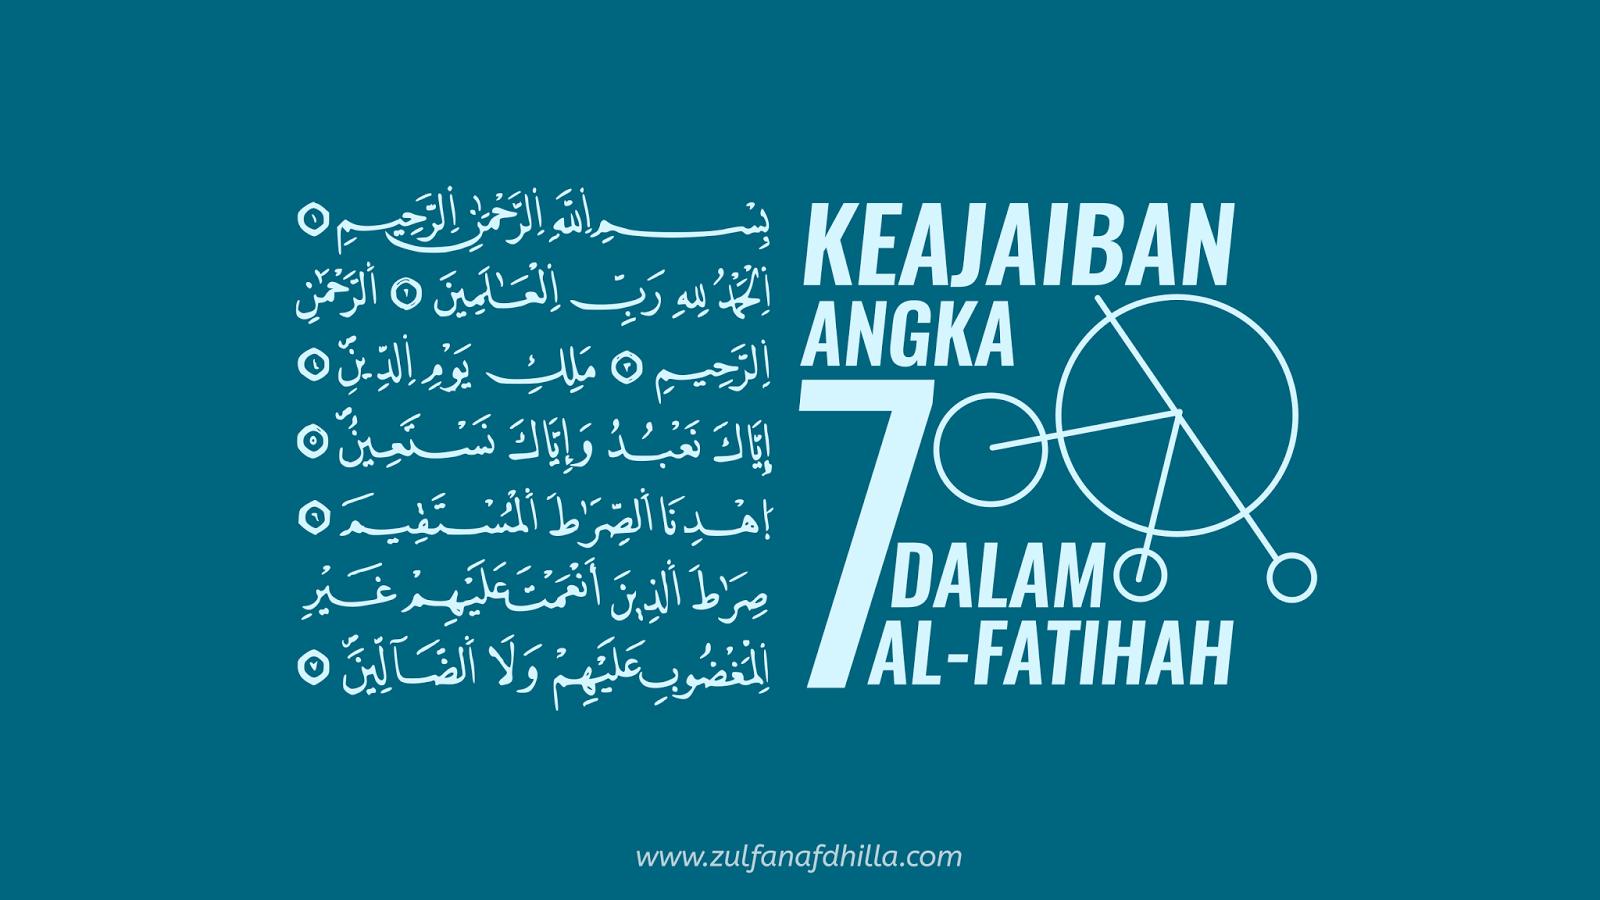 Keajaiban Angka 7 Dalam Surat Al Fatihah Zulfan Afdhilla